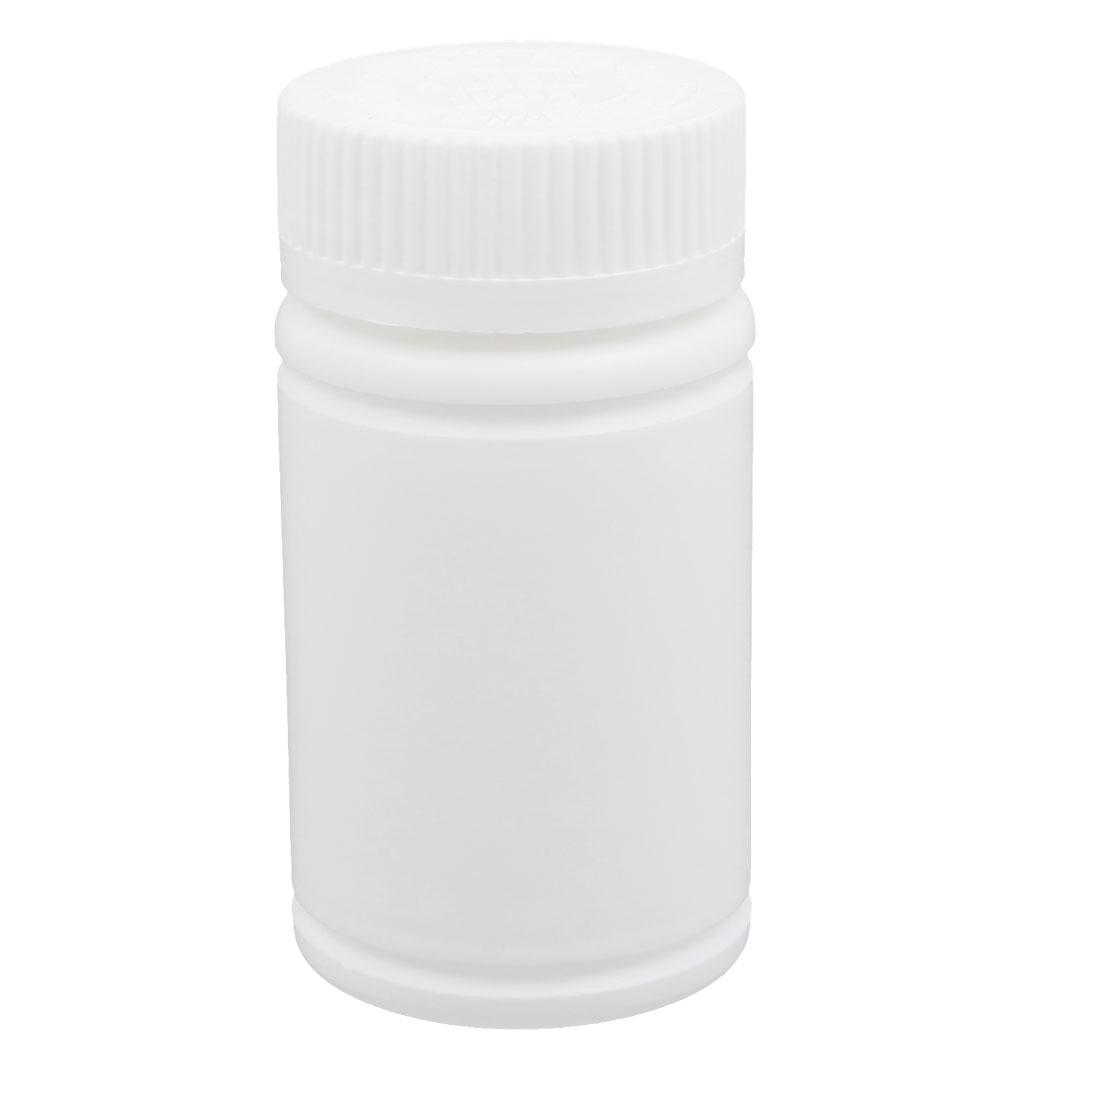 120ml Plastic White Wide Mouth Round Solid Powder Bottle Storage Jar